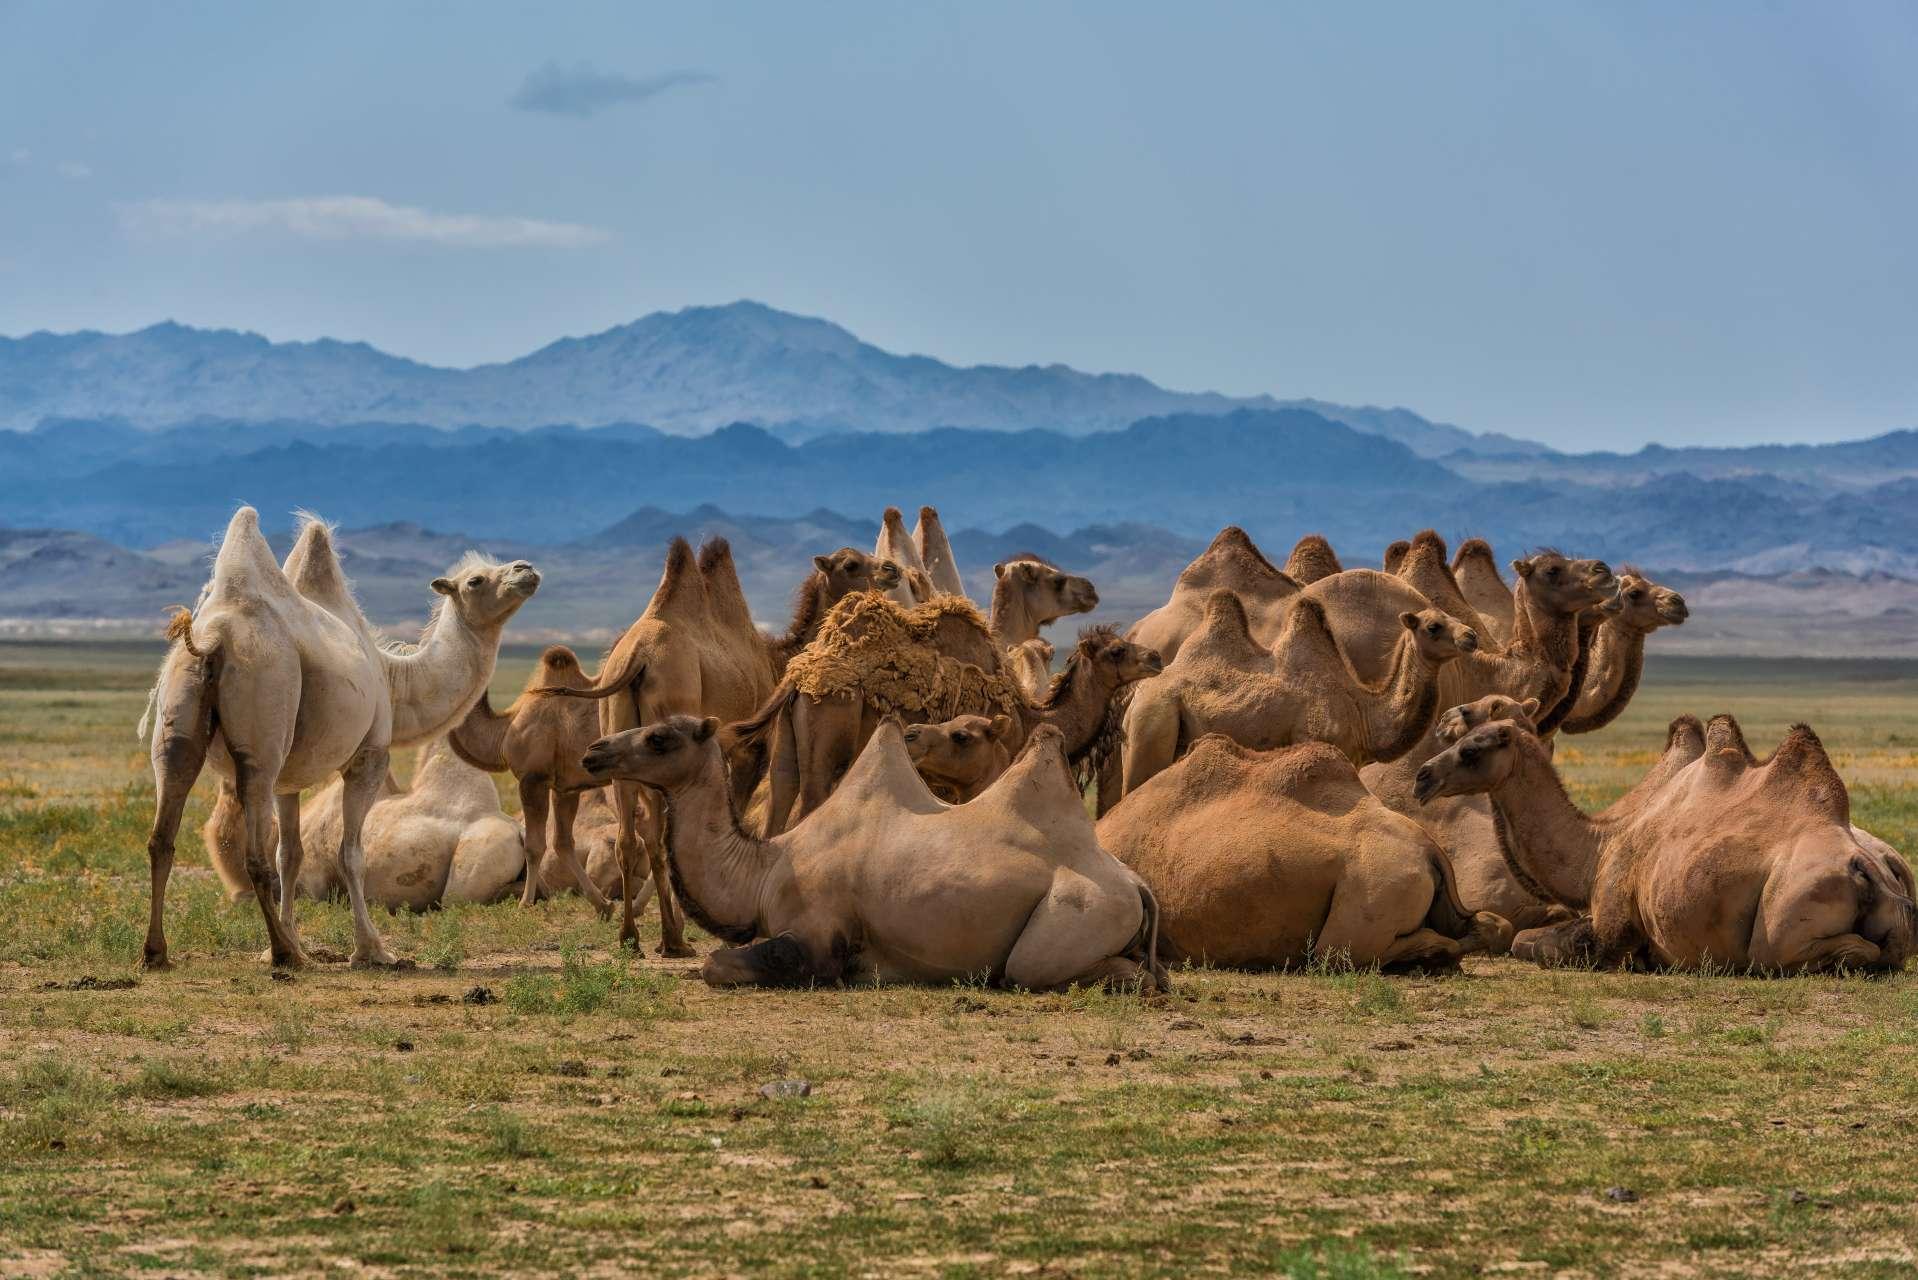 camel farm kazakhstan